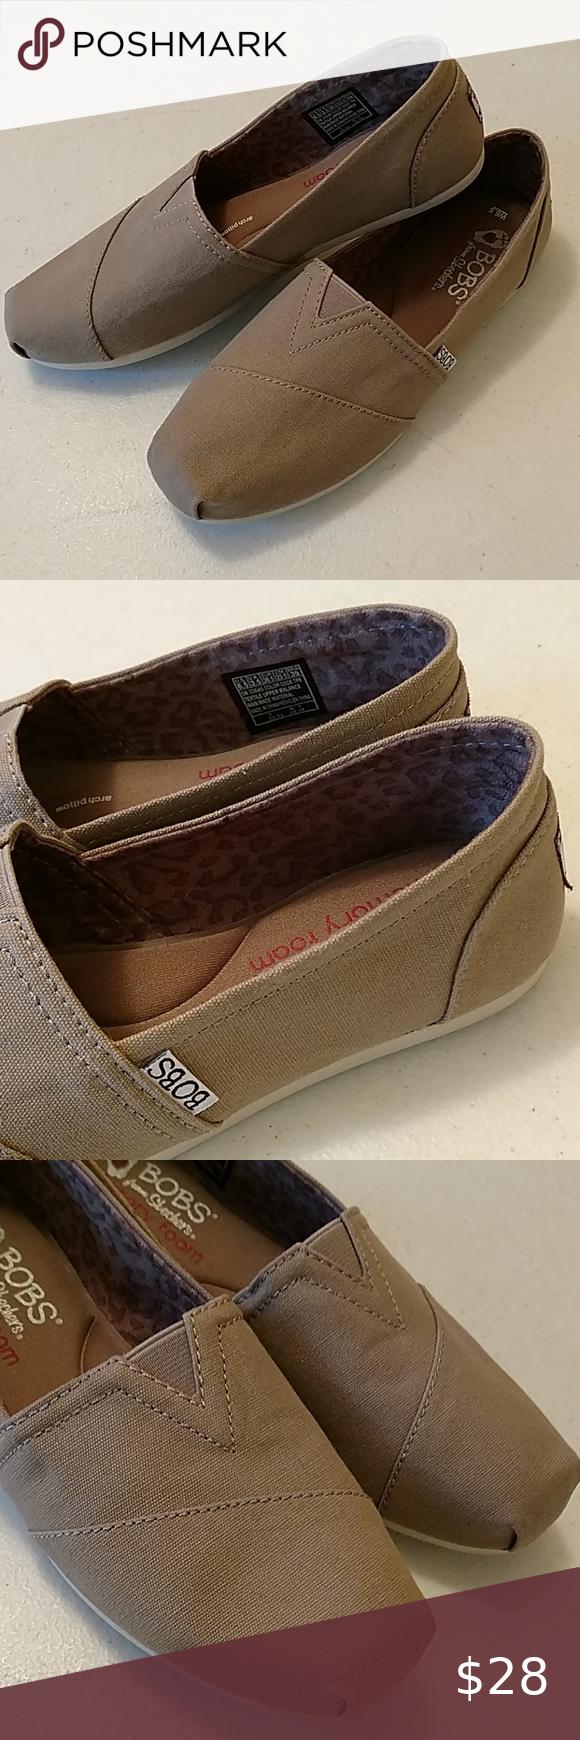 BOBS Skechers memory foam flat shoes in